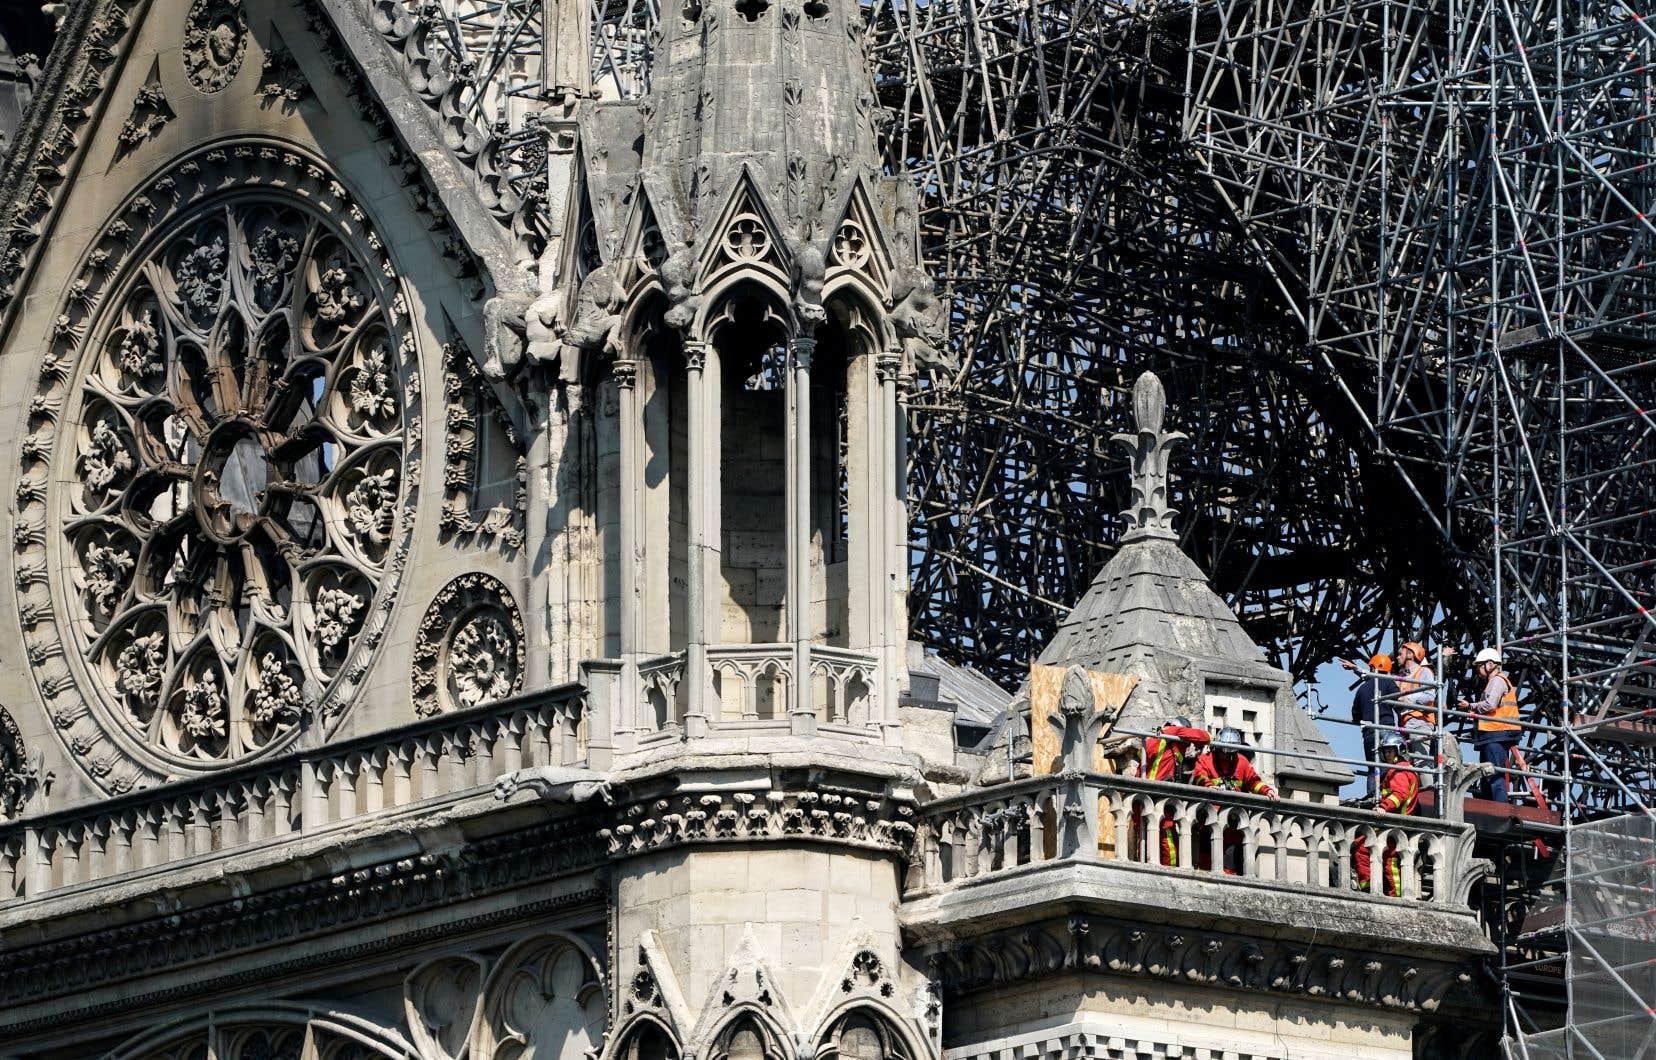 La cathédrale Notre-Dame, un bijou d'architecture gothique vieux de 850ans, a été la proie des flammes lundi soir (heure de Paris).